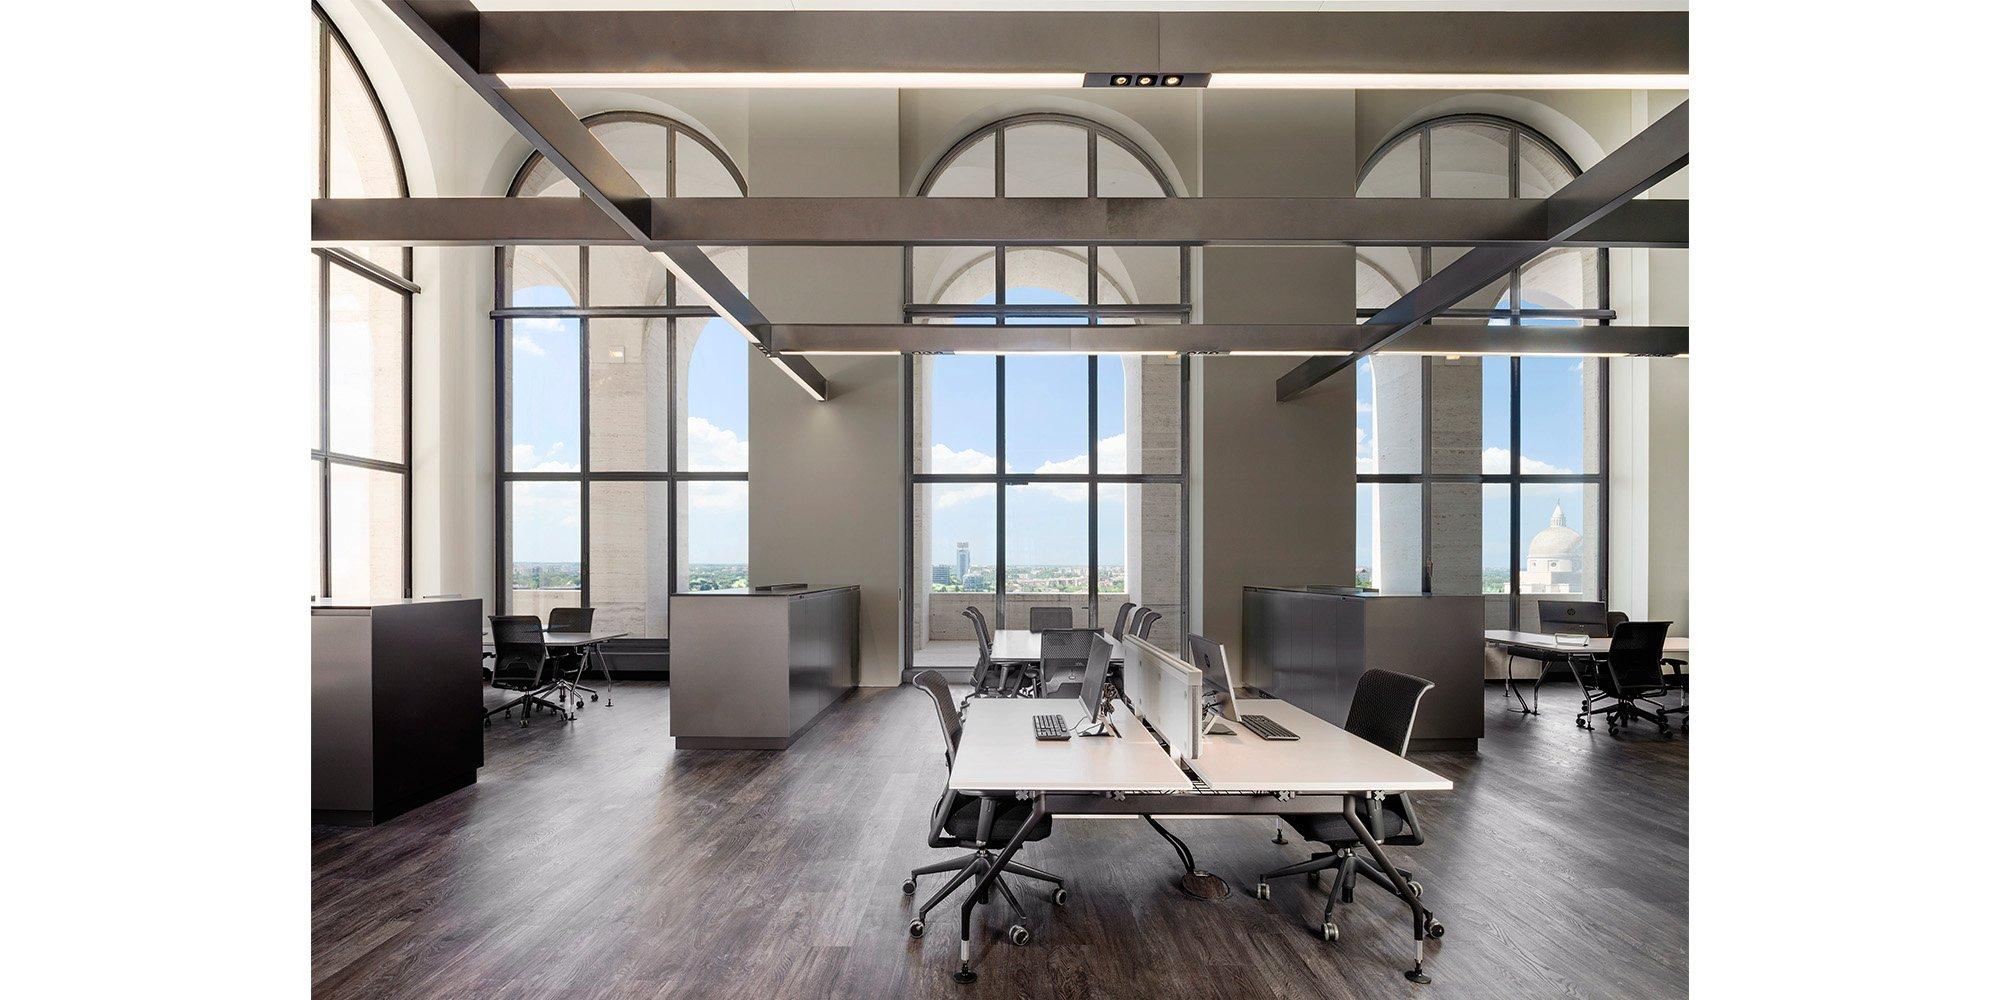 open space office by Andrea jemolo